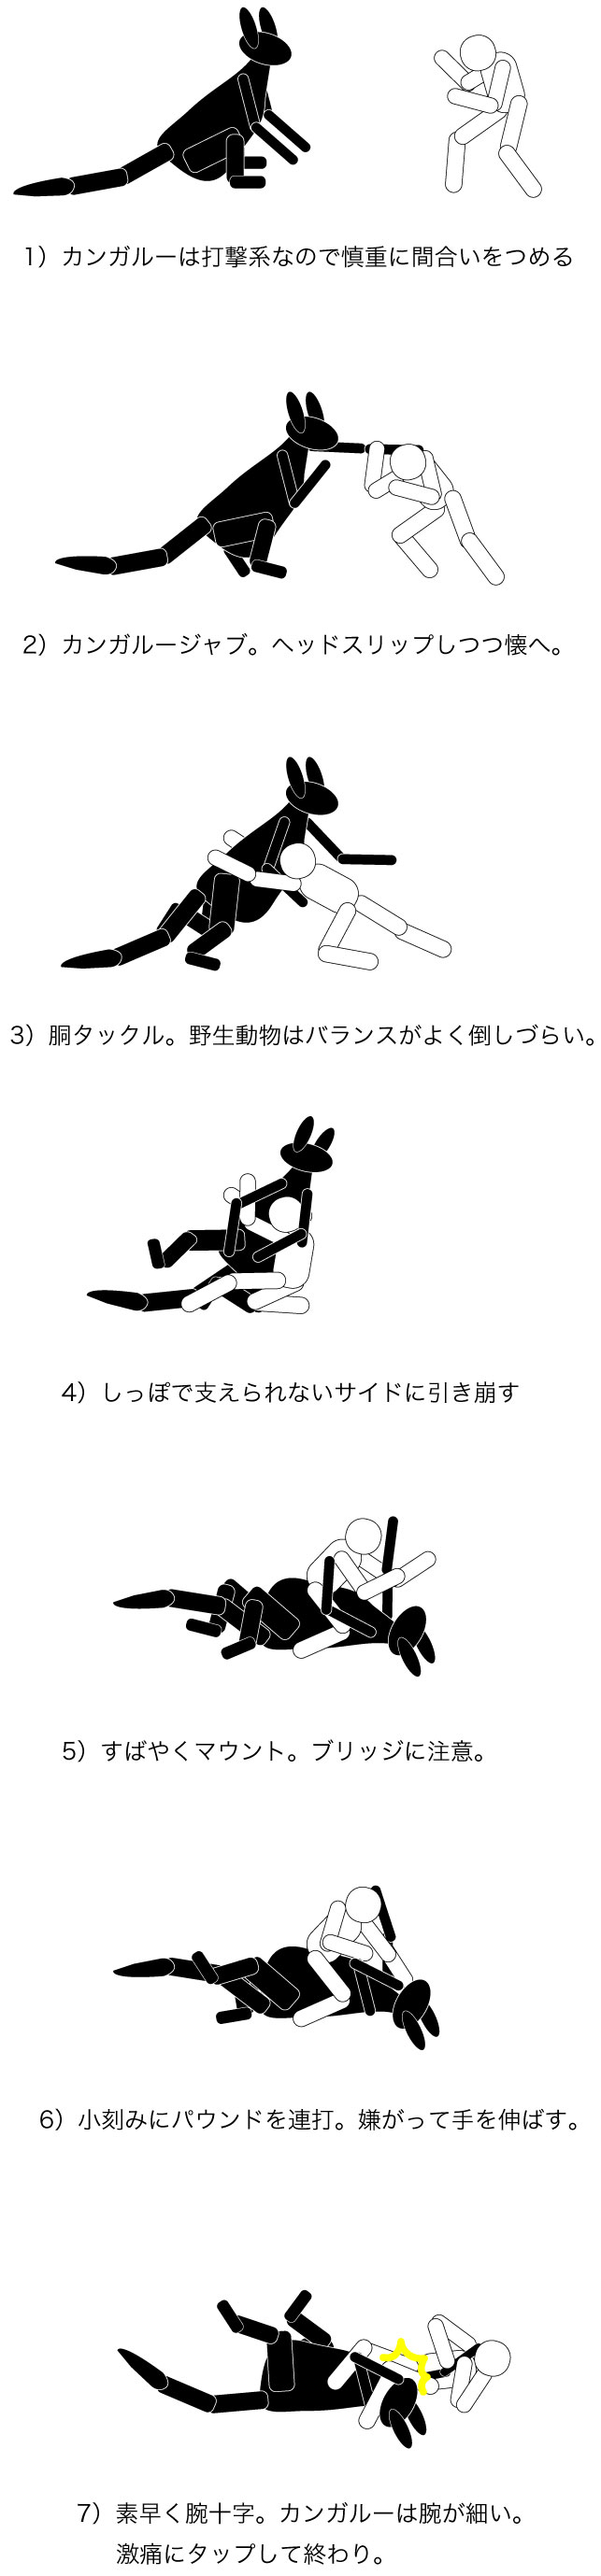 画像:カンガルーの倒し方 [おもしろ]